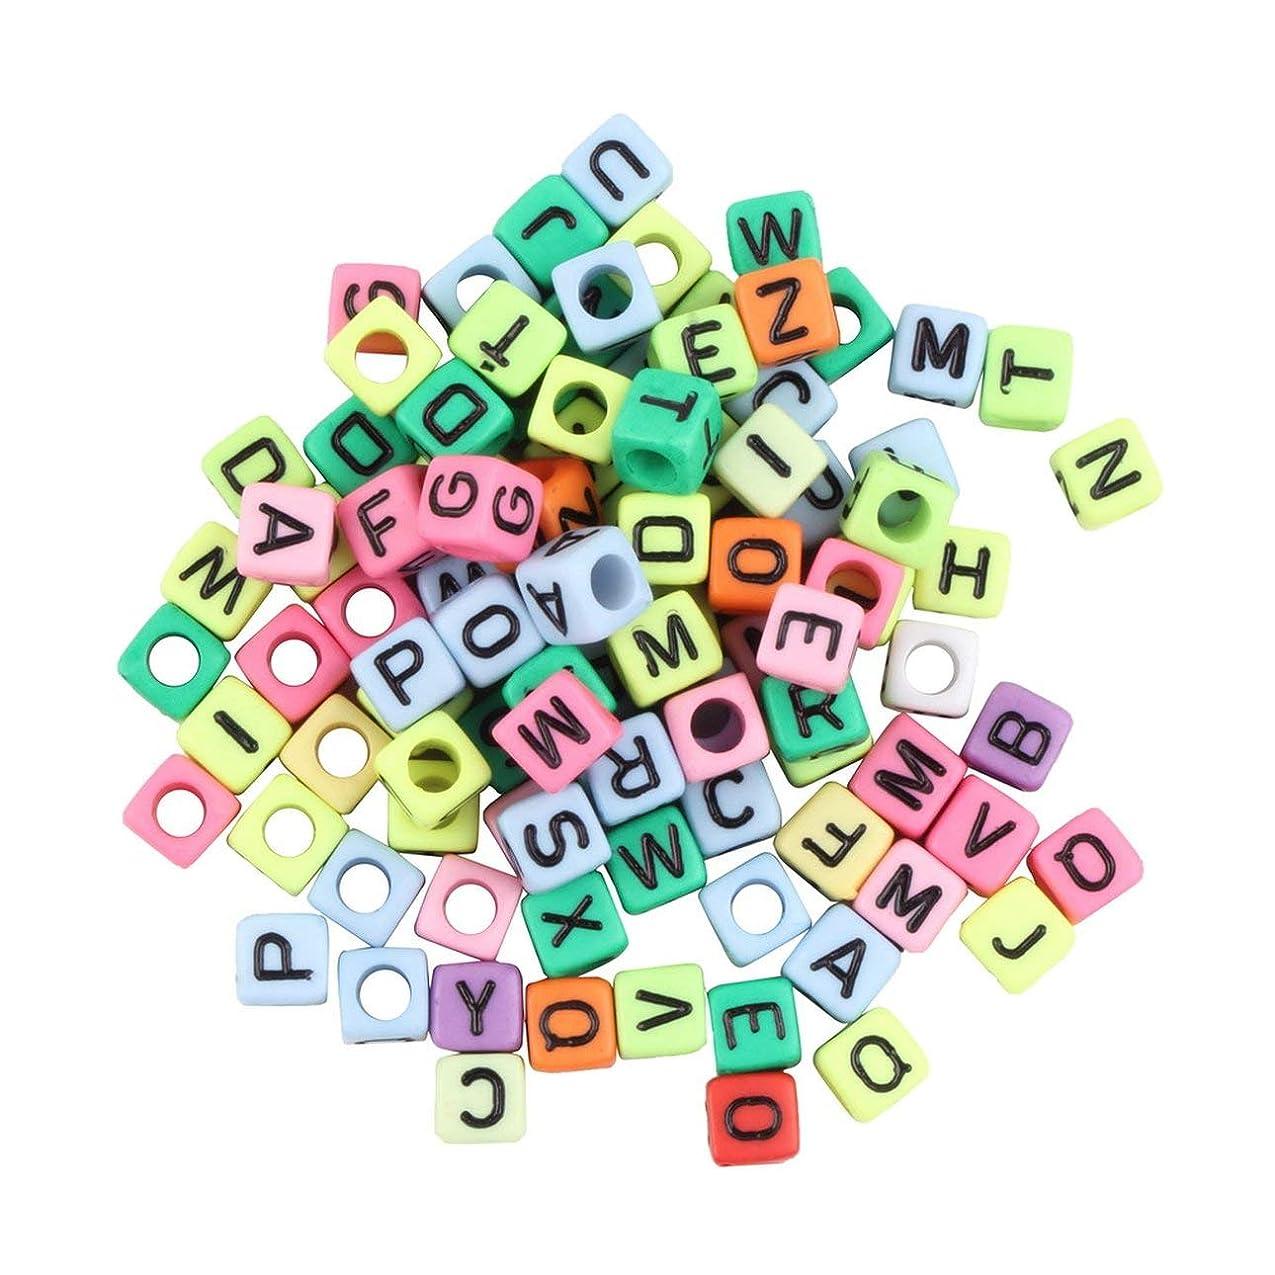 学習者学習者中止しますNancyMissY 1Bag / 100PCS6Mmアルファベットレターチャームビーズ織機バンドブレスレットマルチカラーノーグルーノーノーグッドギフトとして